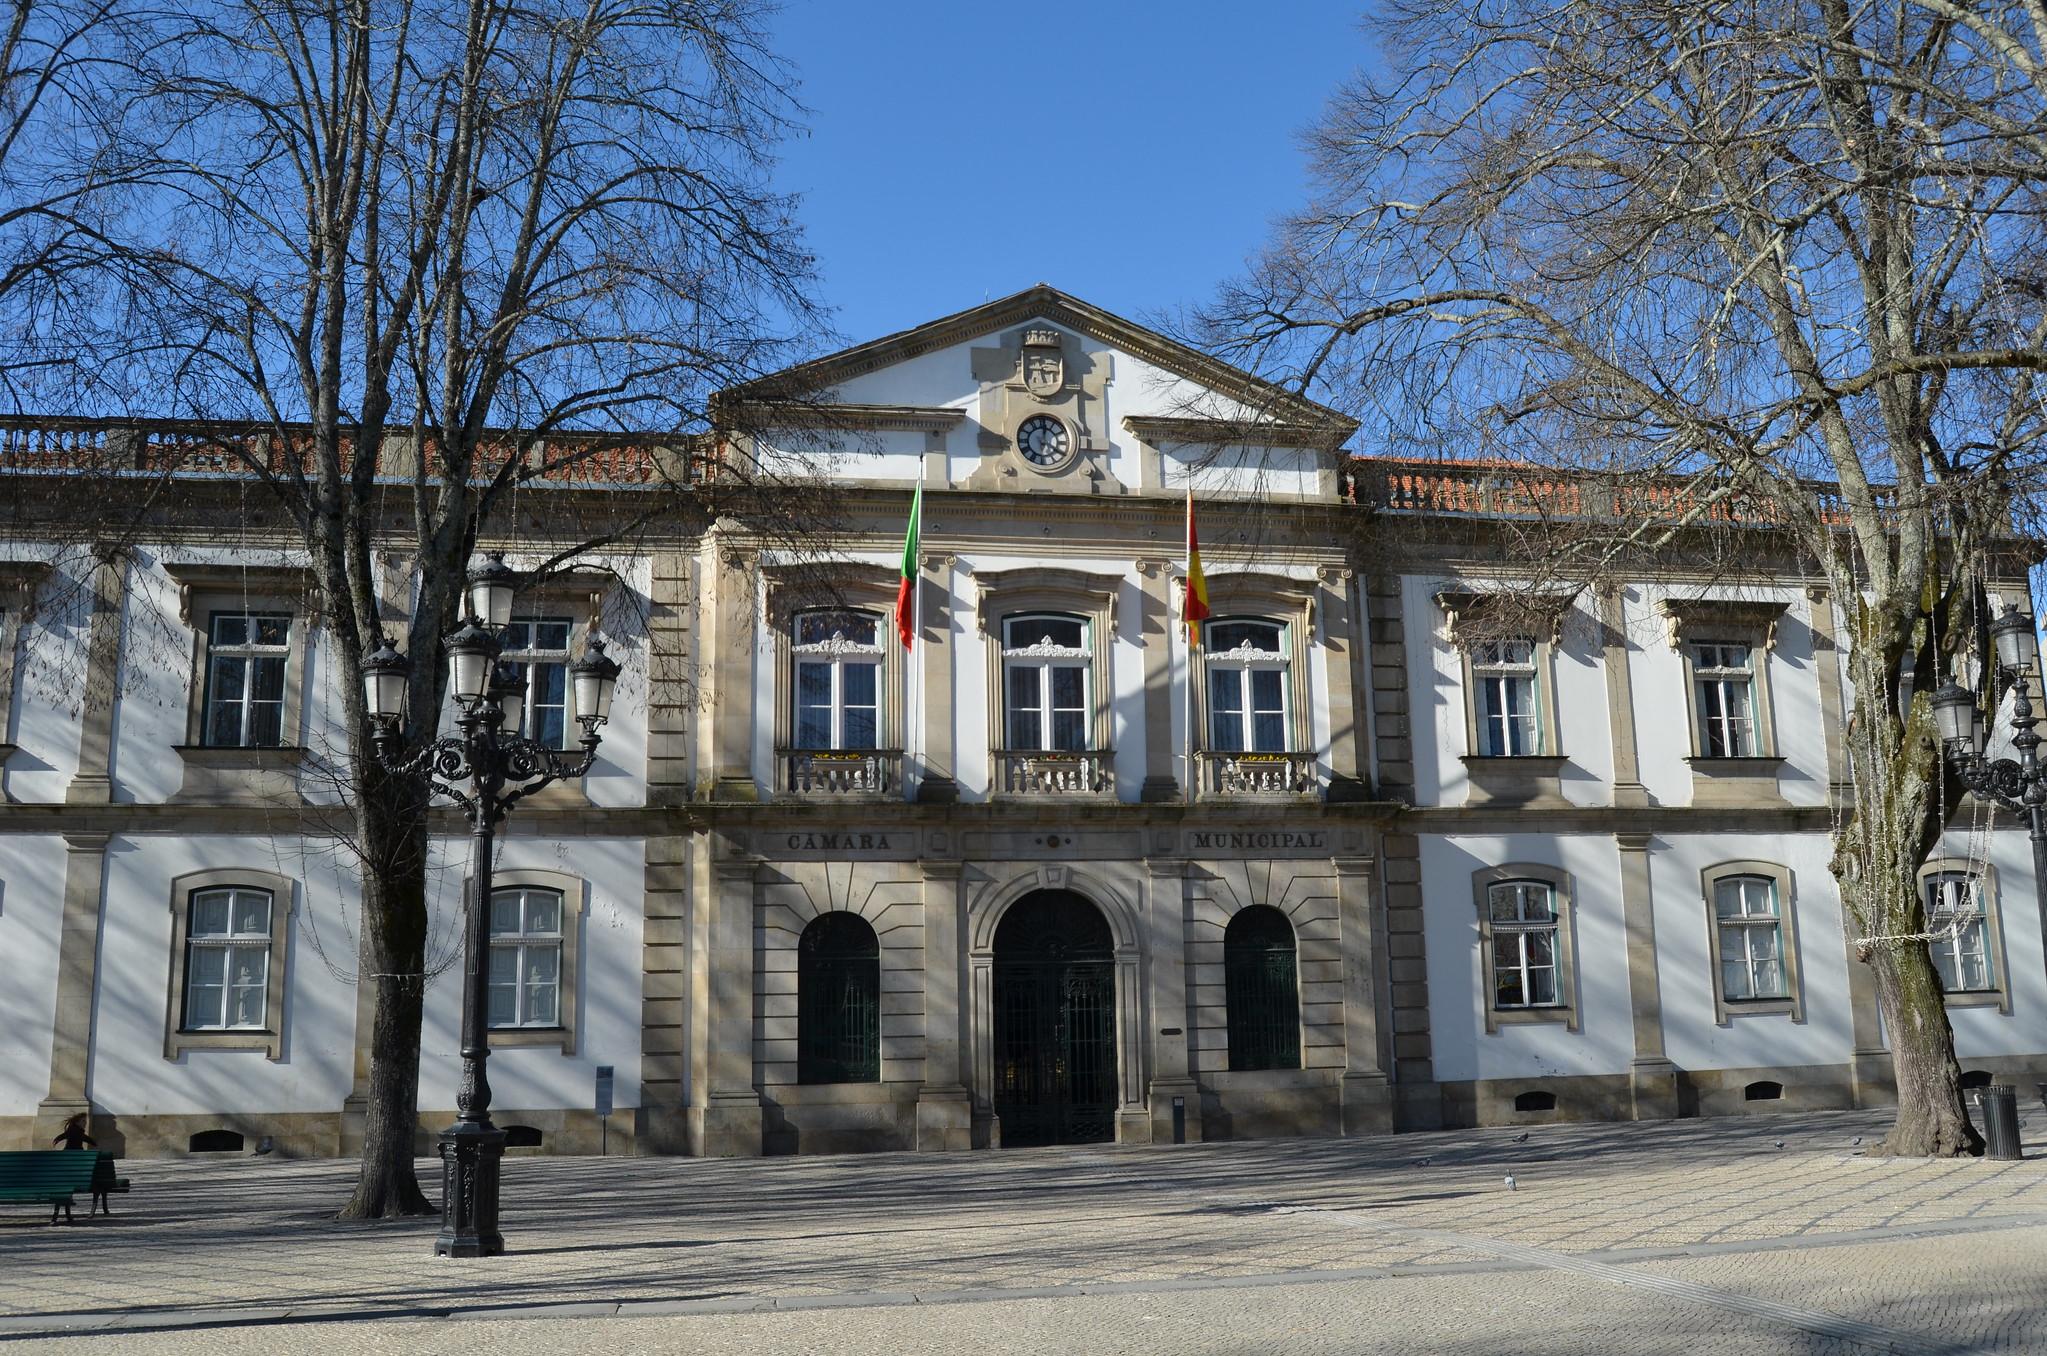 Não se sabe quantas pessoas vivem no centro histórico de Viseu